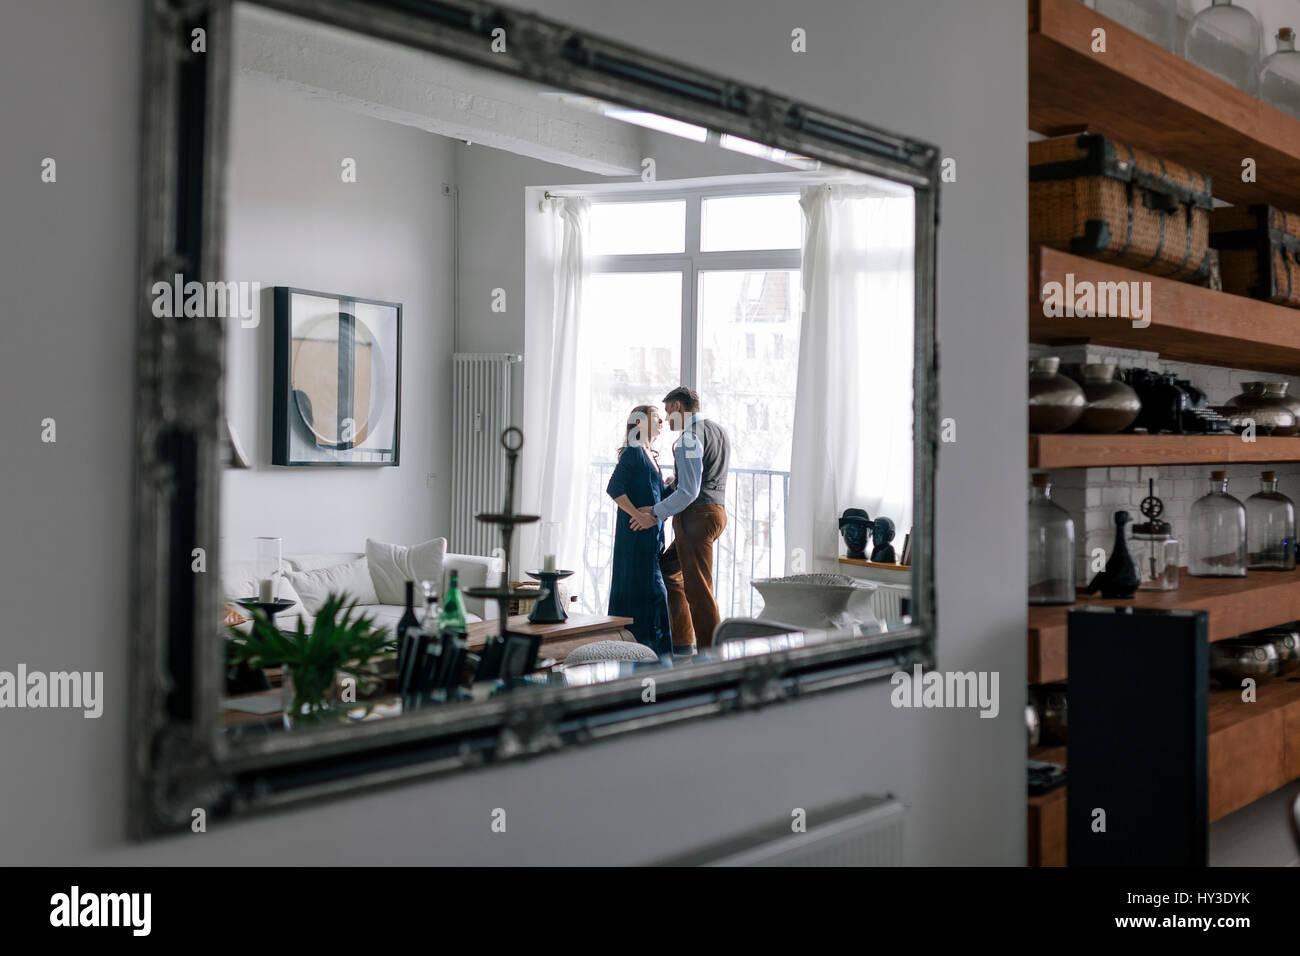 Deutschland, Paar in Spiegel Stockbild